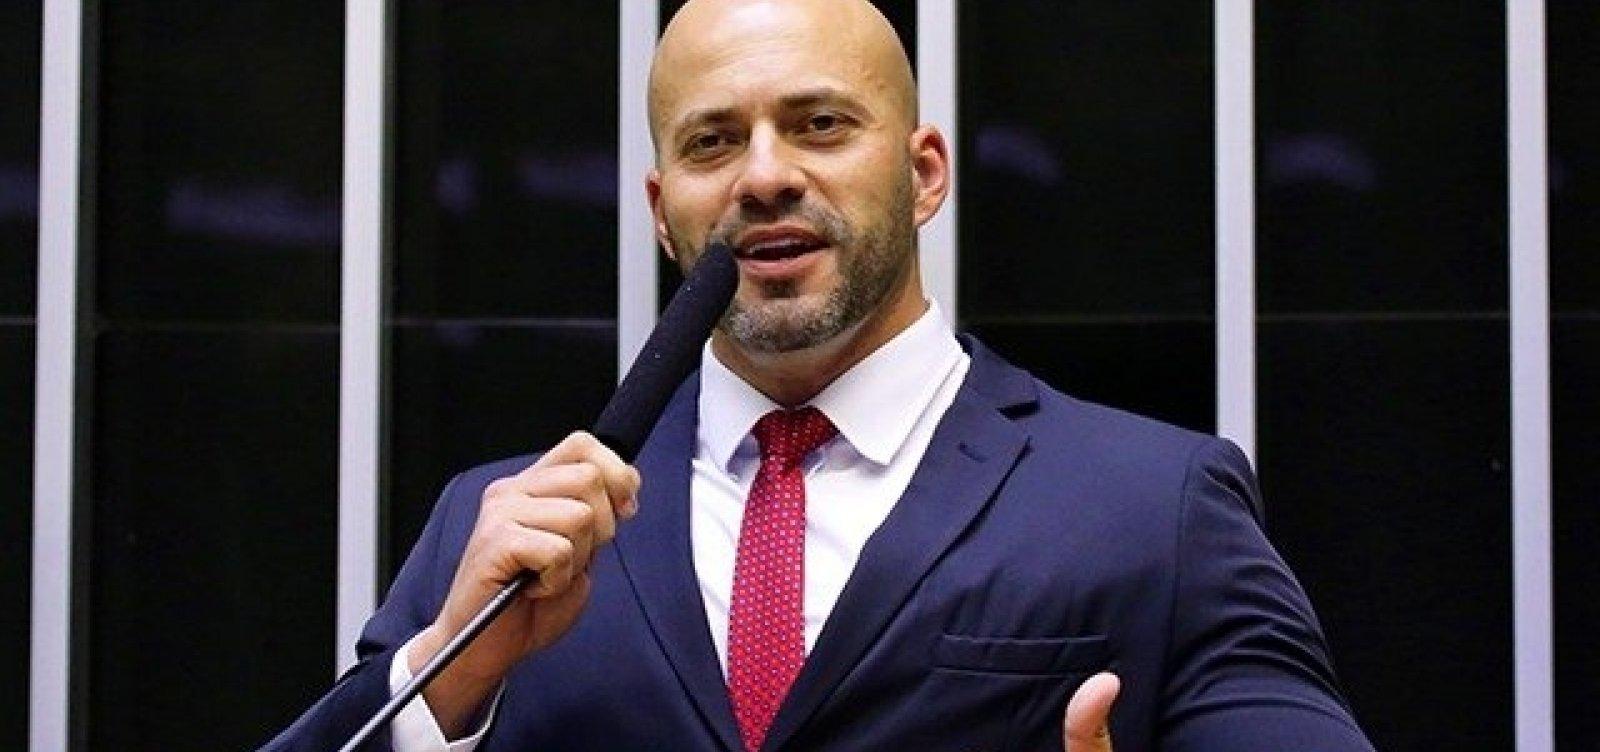 Deputado do PSL ameaça: 'Vou bagunçar o coreto de todo mundo'